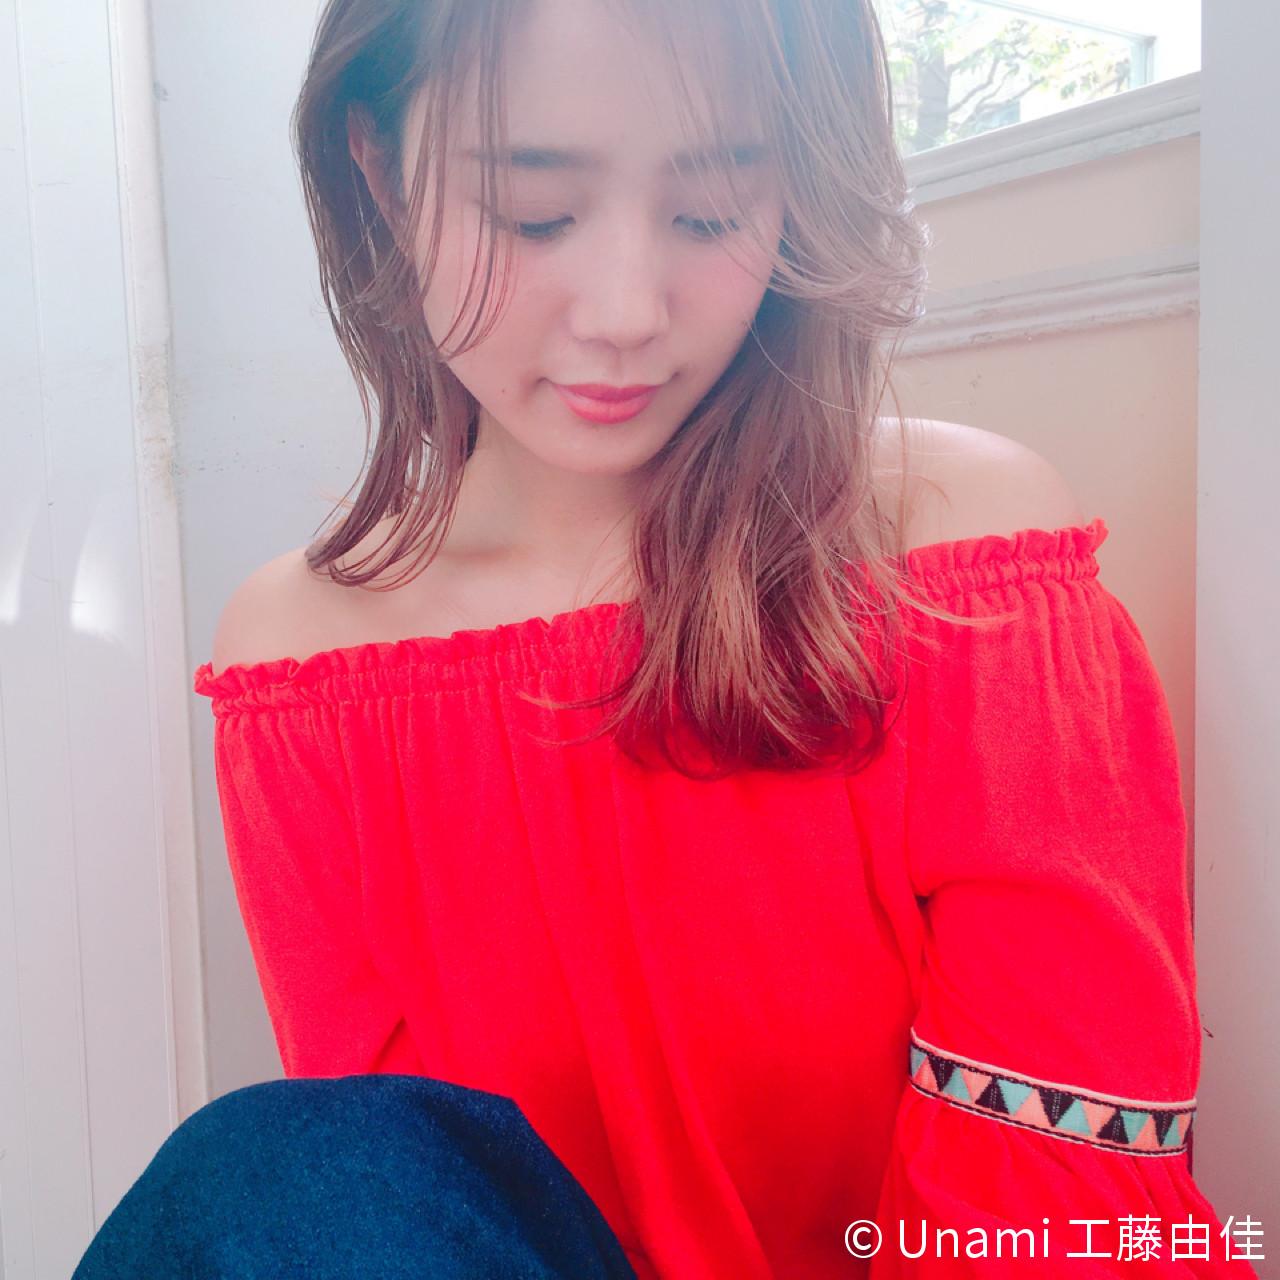 ゆるふわ セミロング パーマ 色気 ヘアスタイルや髪型の写真・画像 | Unami 工藤由佳 / Unami omotesando